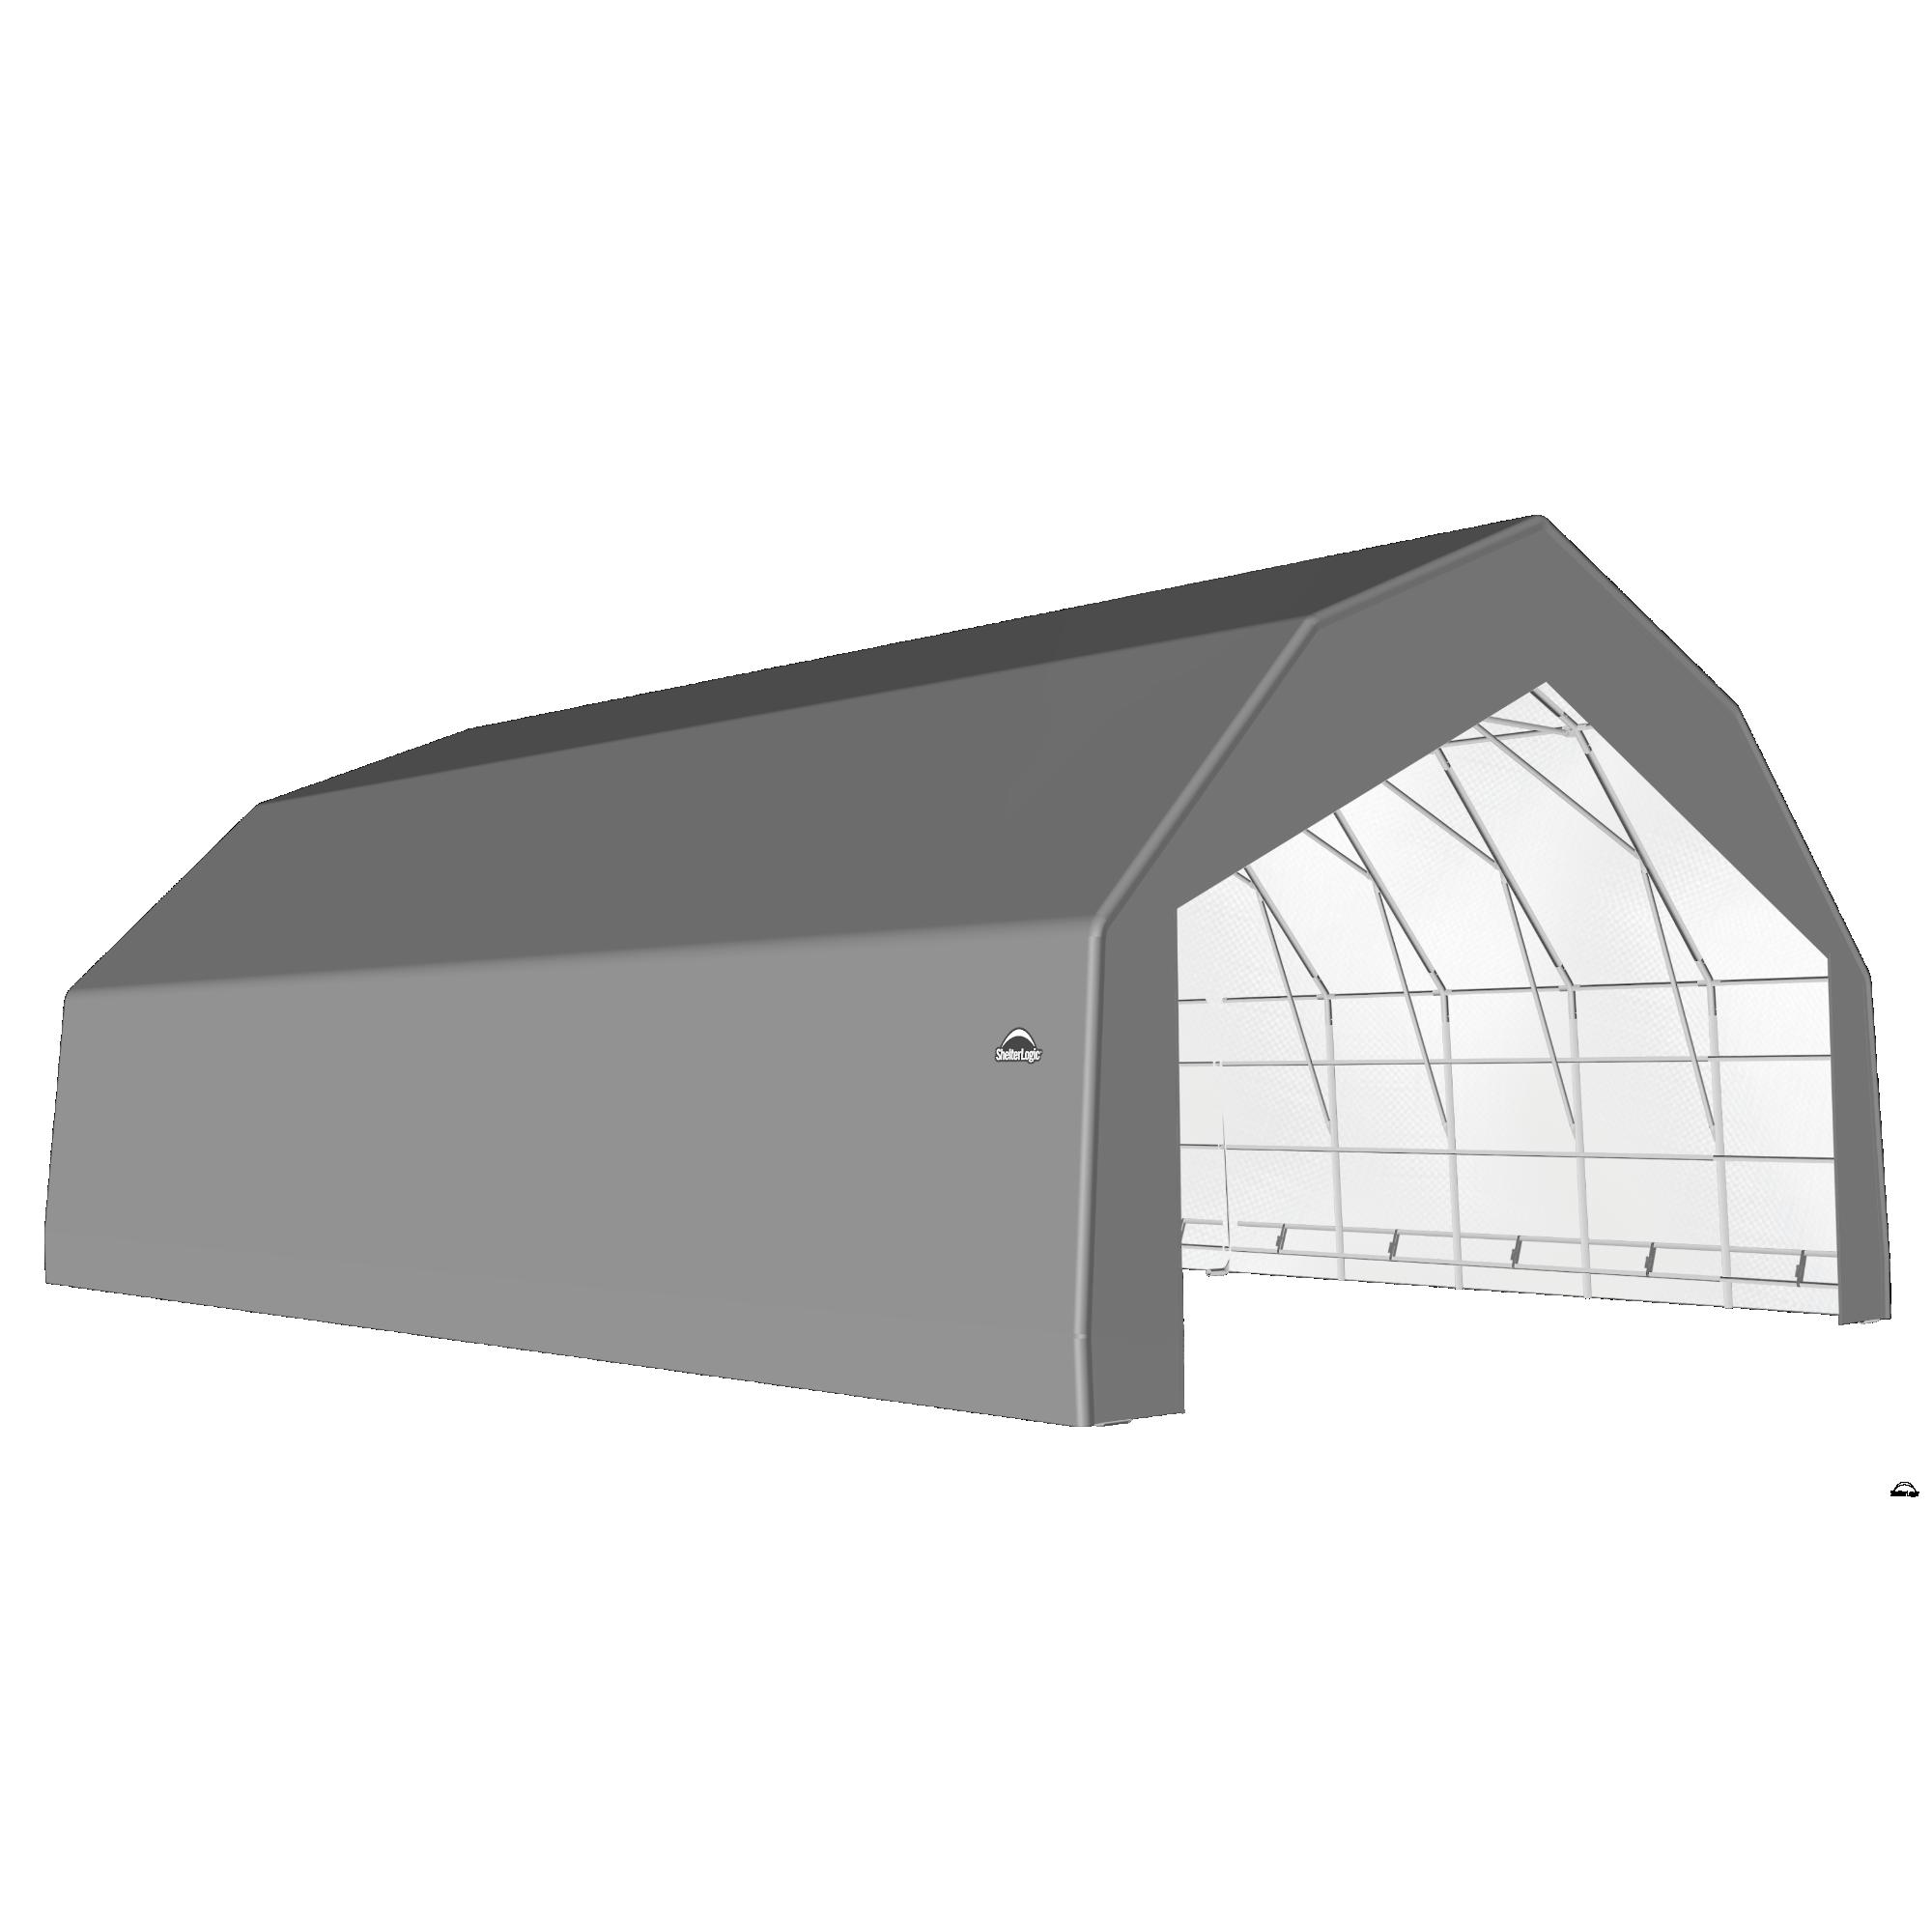 SP Barn 30X32X18 Gray 14 oz PE Shelter